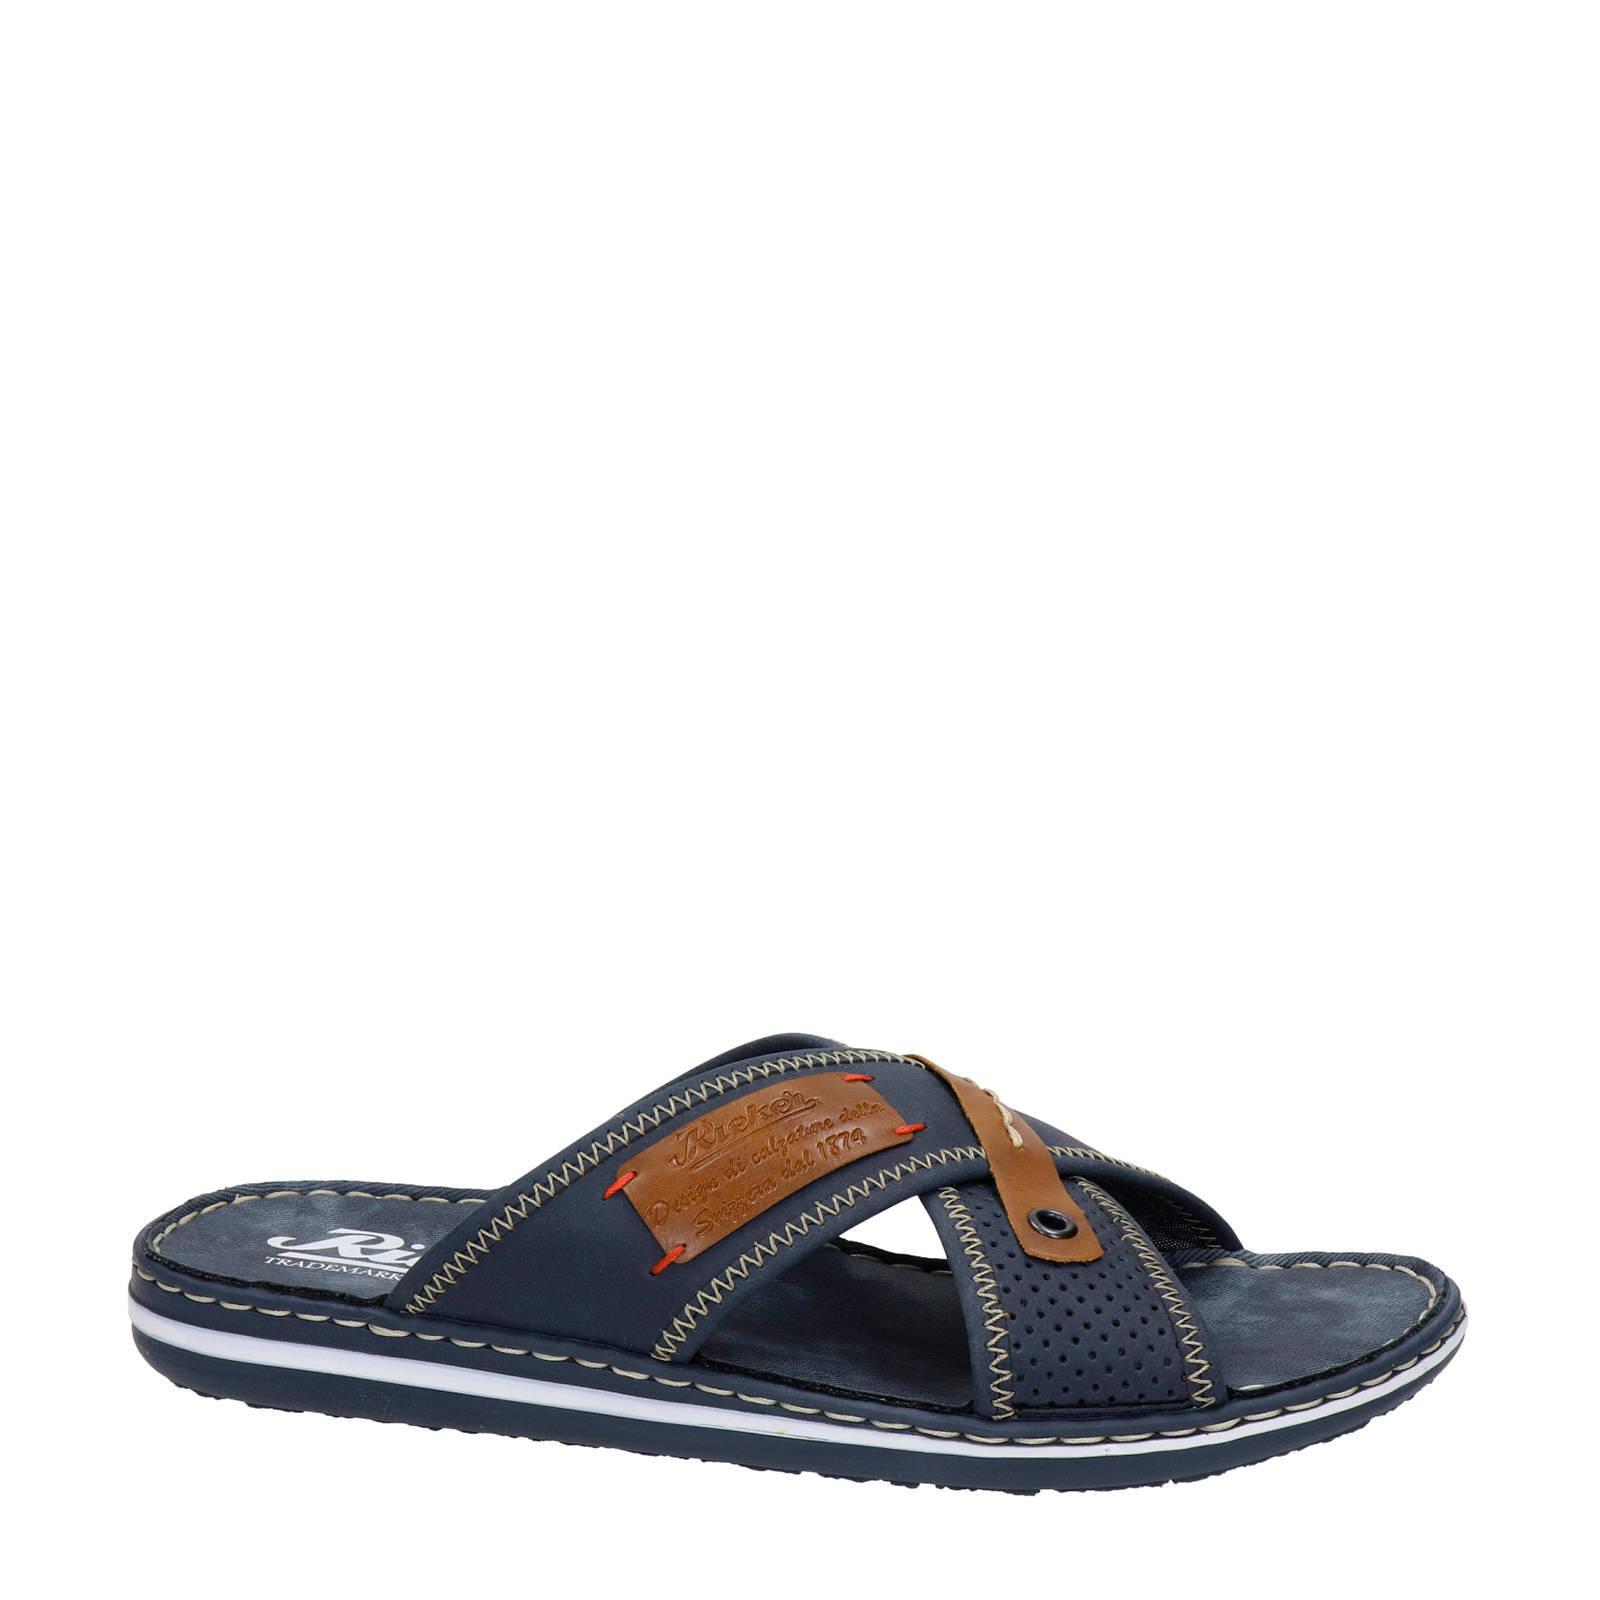 Rieker heren slippers & sandalen bij wehkamp Gratis